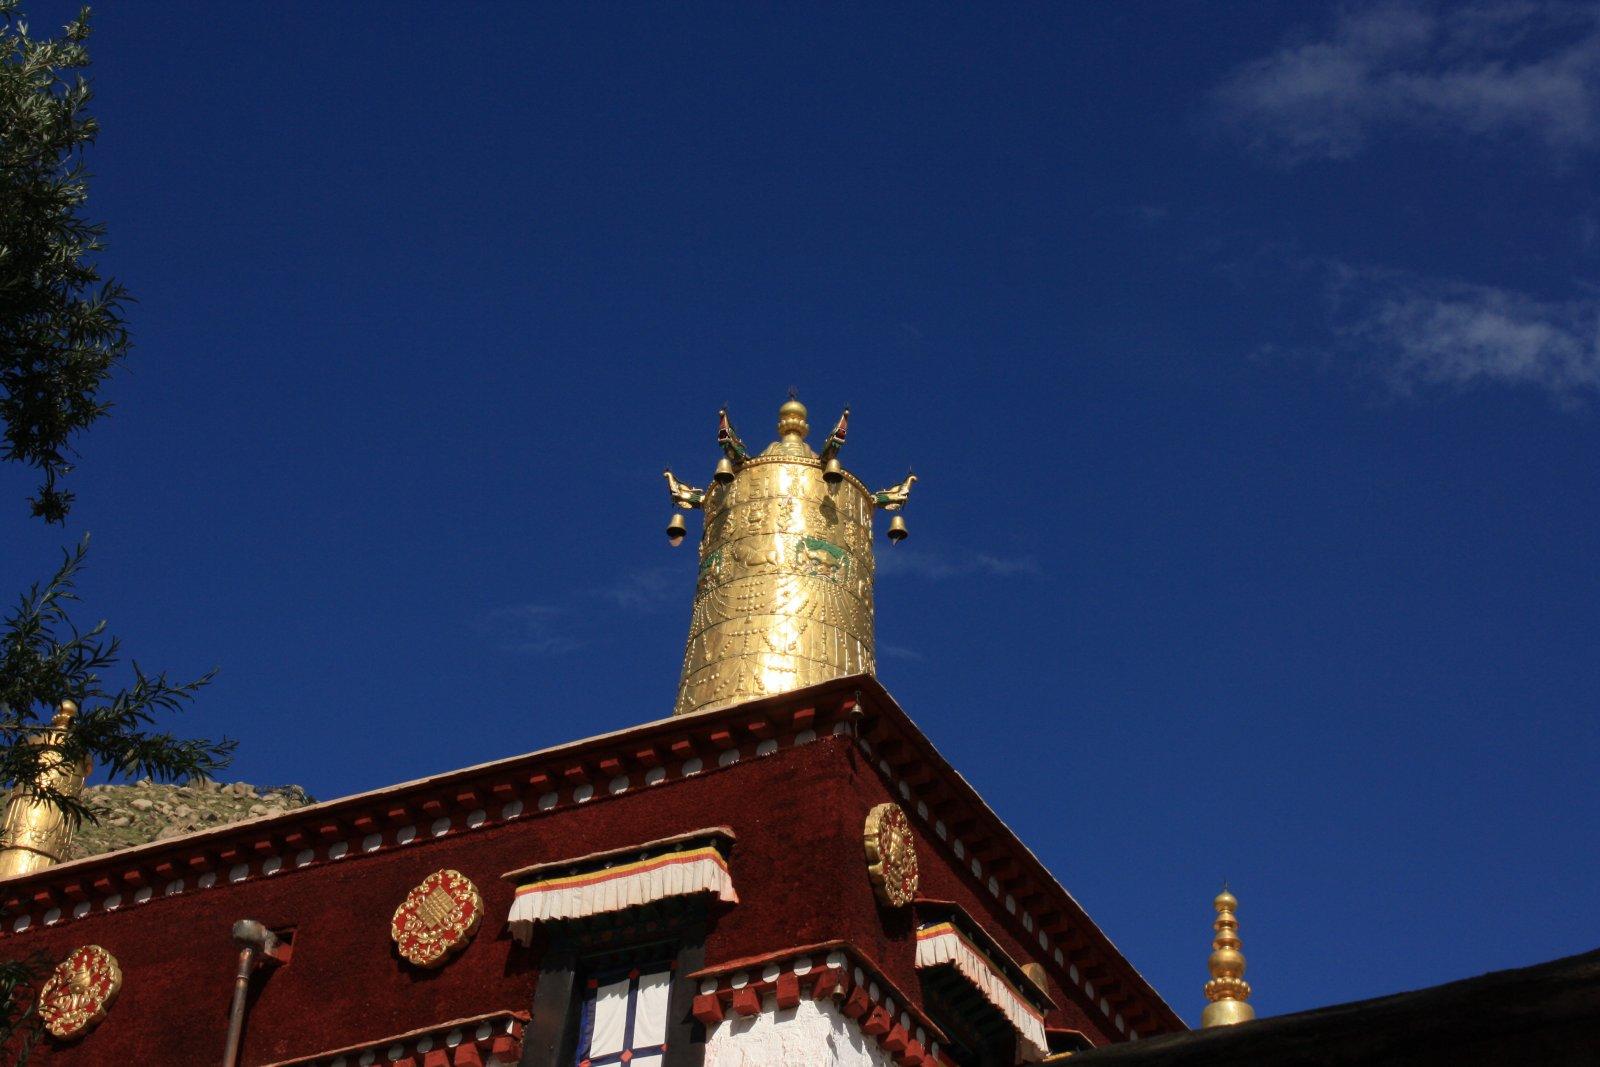 Столица Тибета — Лхаса и озеро Ямдрок Цо